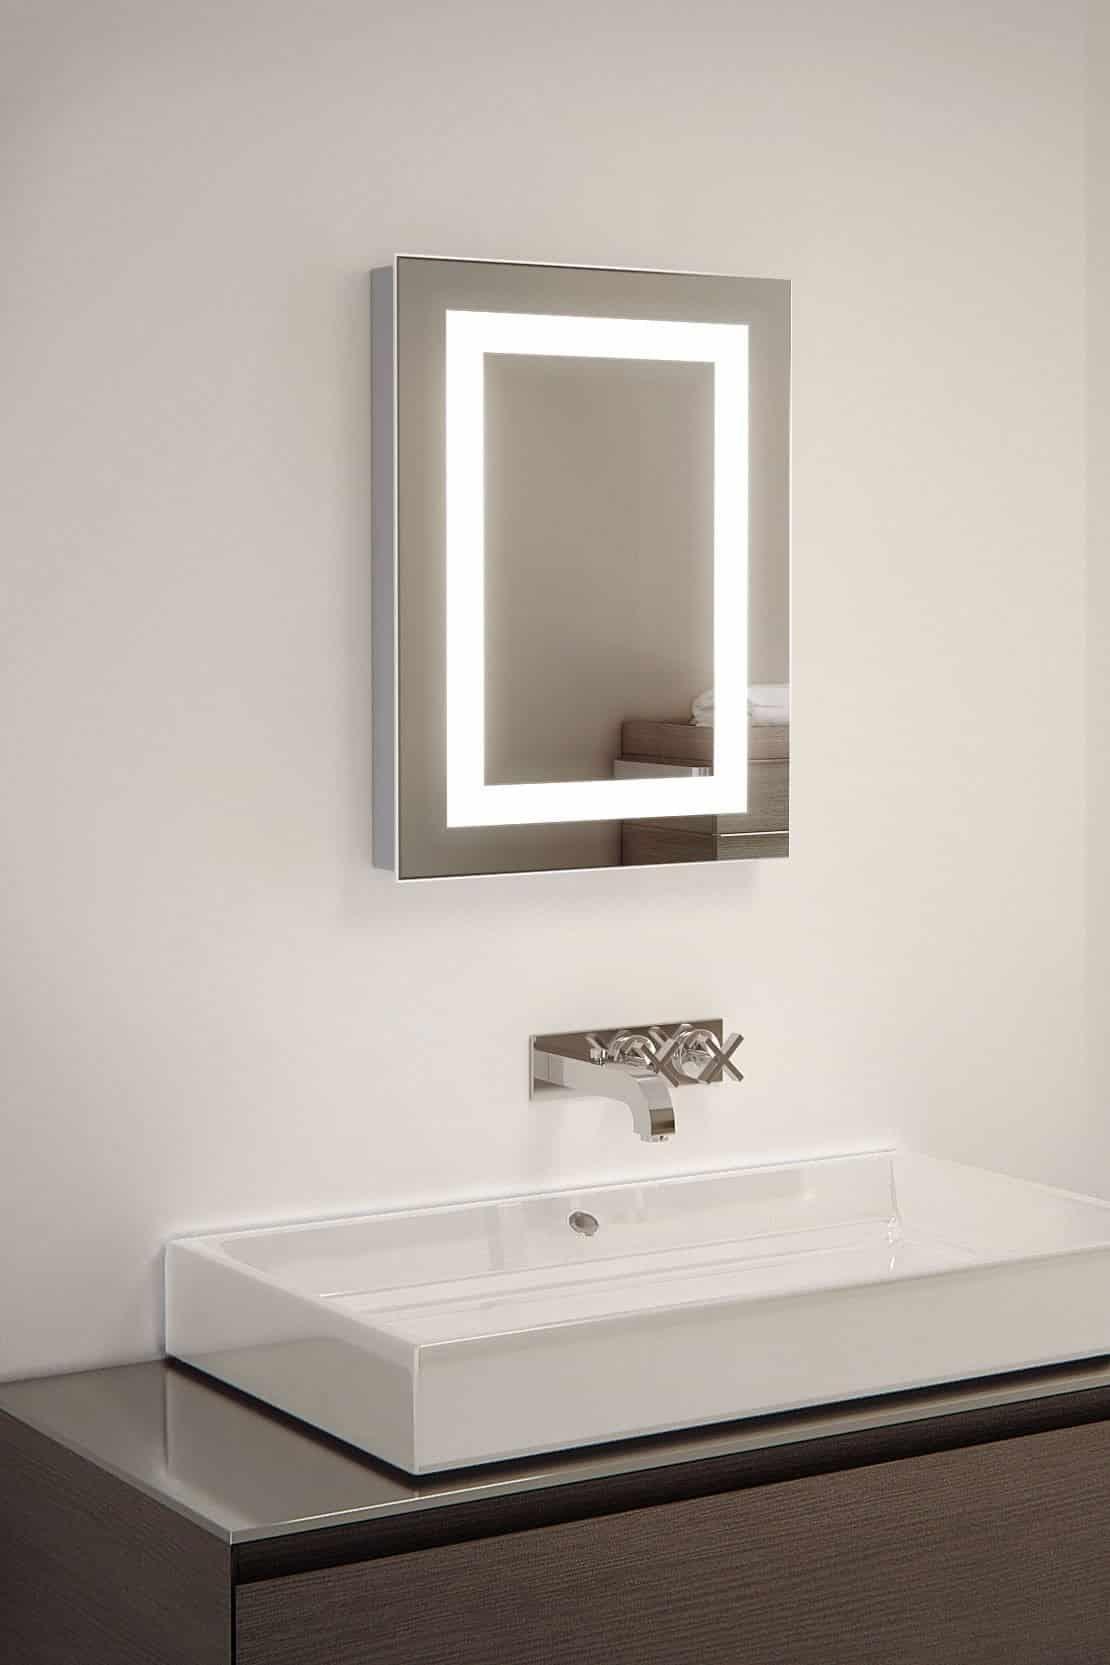 kleine toilet badkamer spiegel met design verlichting 39x50 cm designspiegels. Black Bedroom Furniture Sets. Home Design Ideas